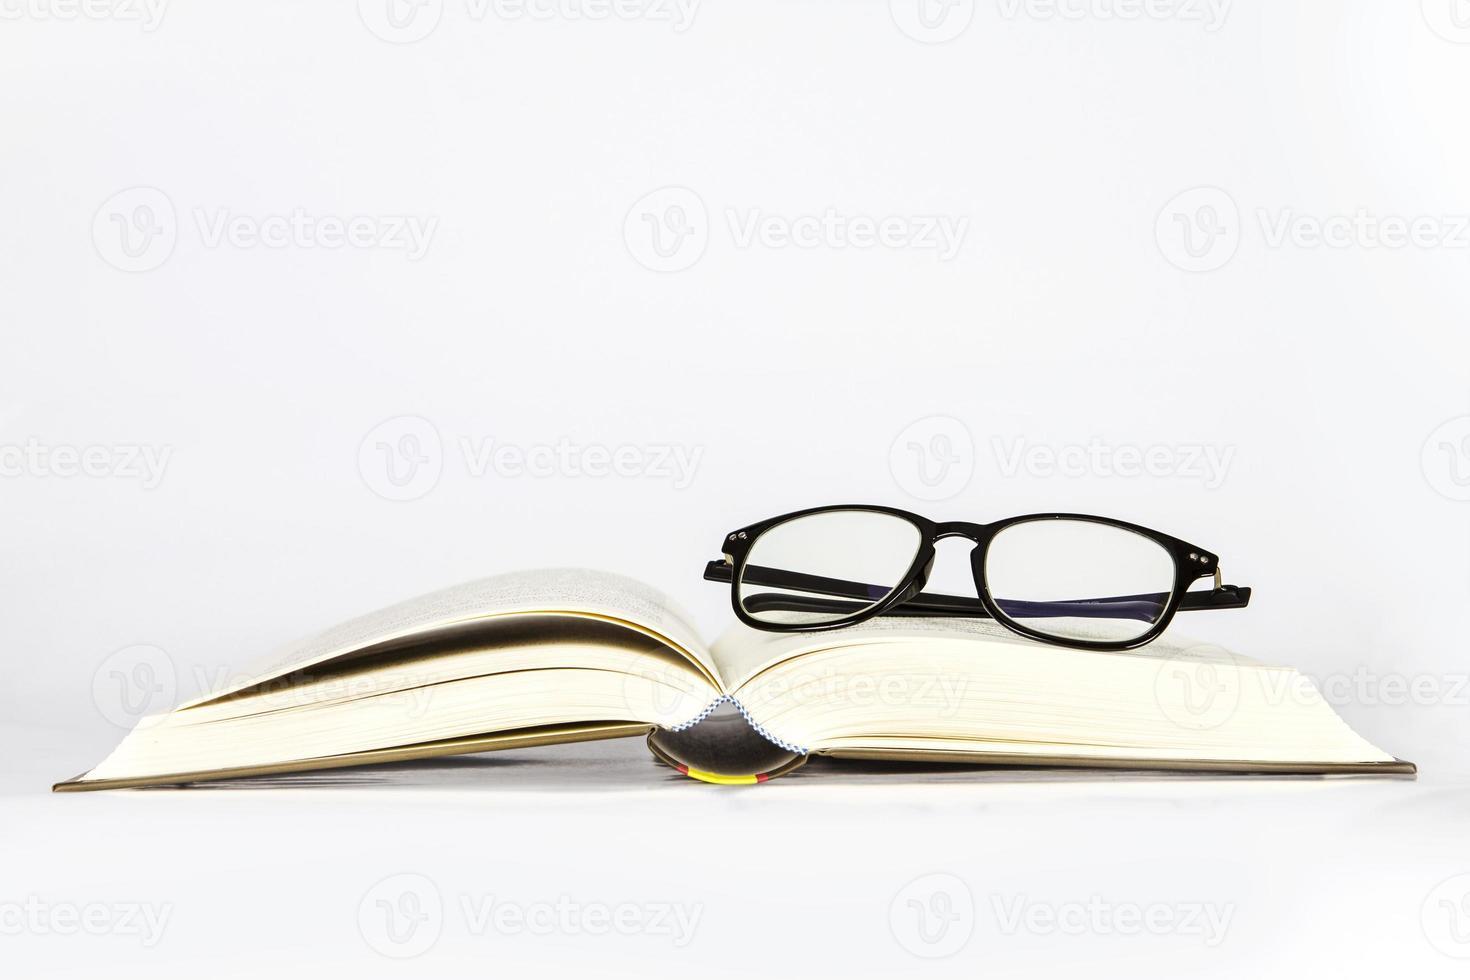 verres à monture noire placés sur un livre ouvert photo